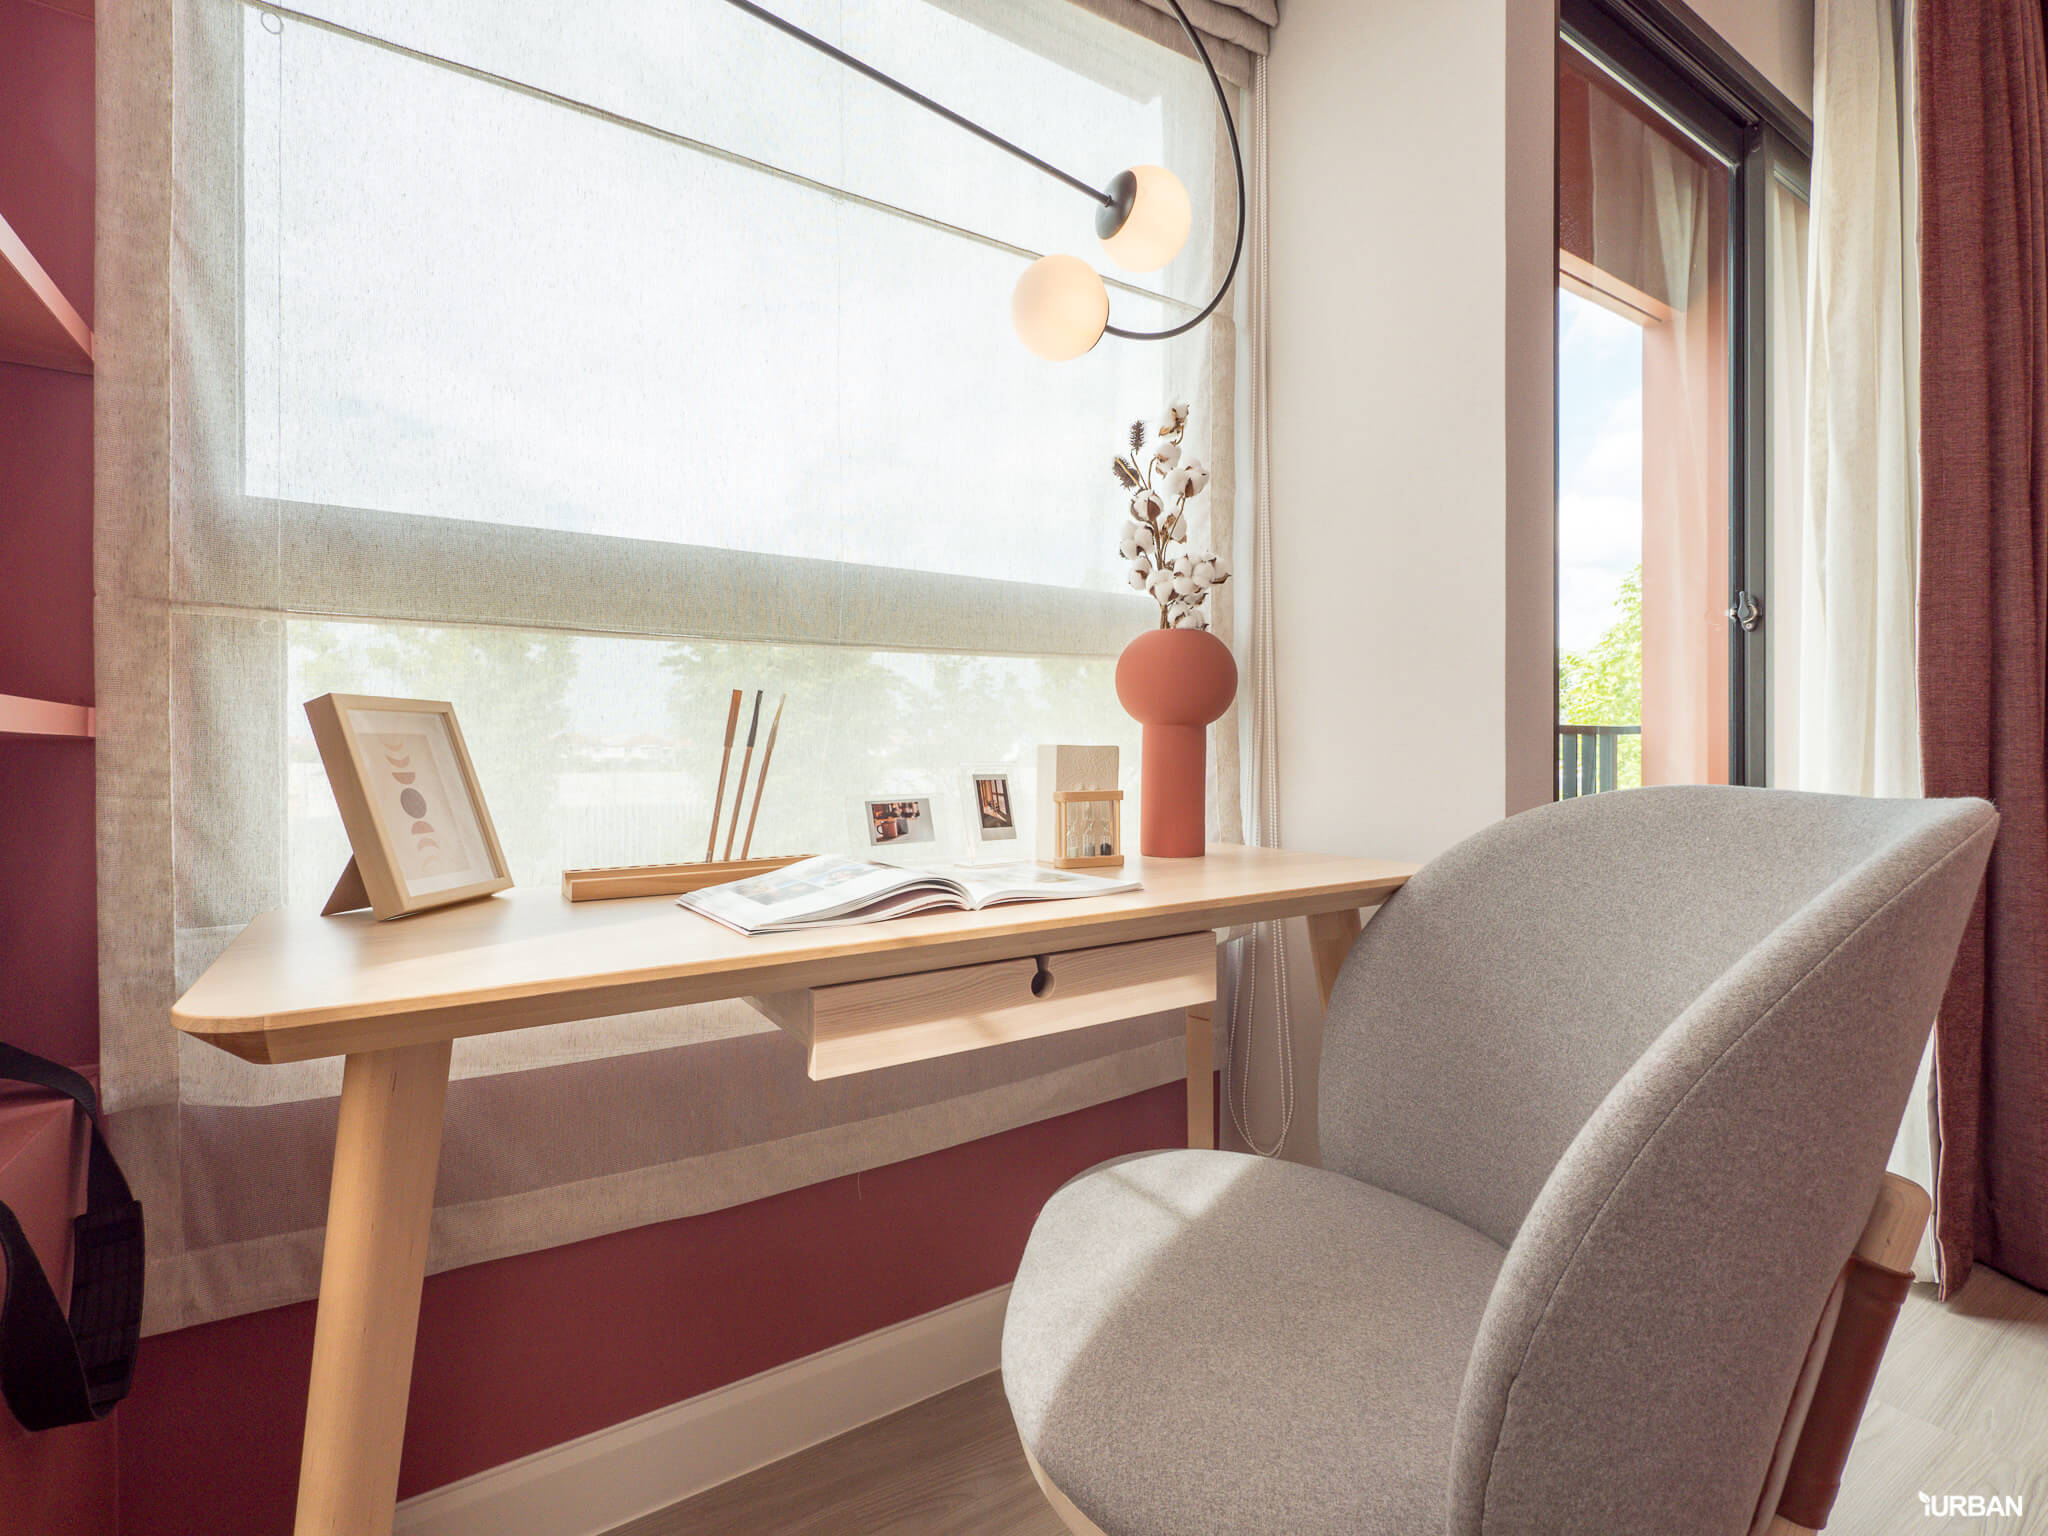 รีวิว อณาสิริ ชัยพฤกษ์-วงแหวน เมื่อแสนสิริออกแบบบ้านใหม่ Feel Just Right ใช้งานได้ลงตัว 60 - Anasiri